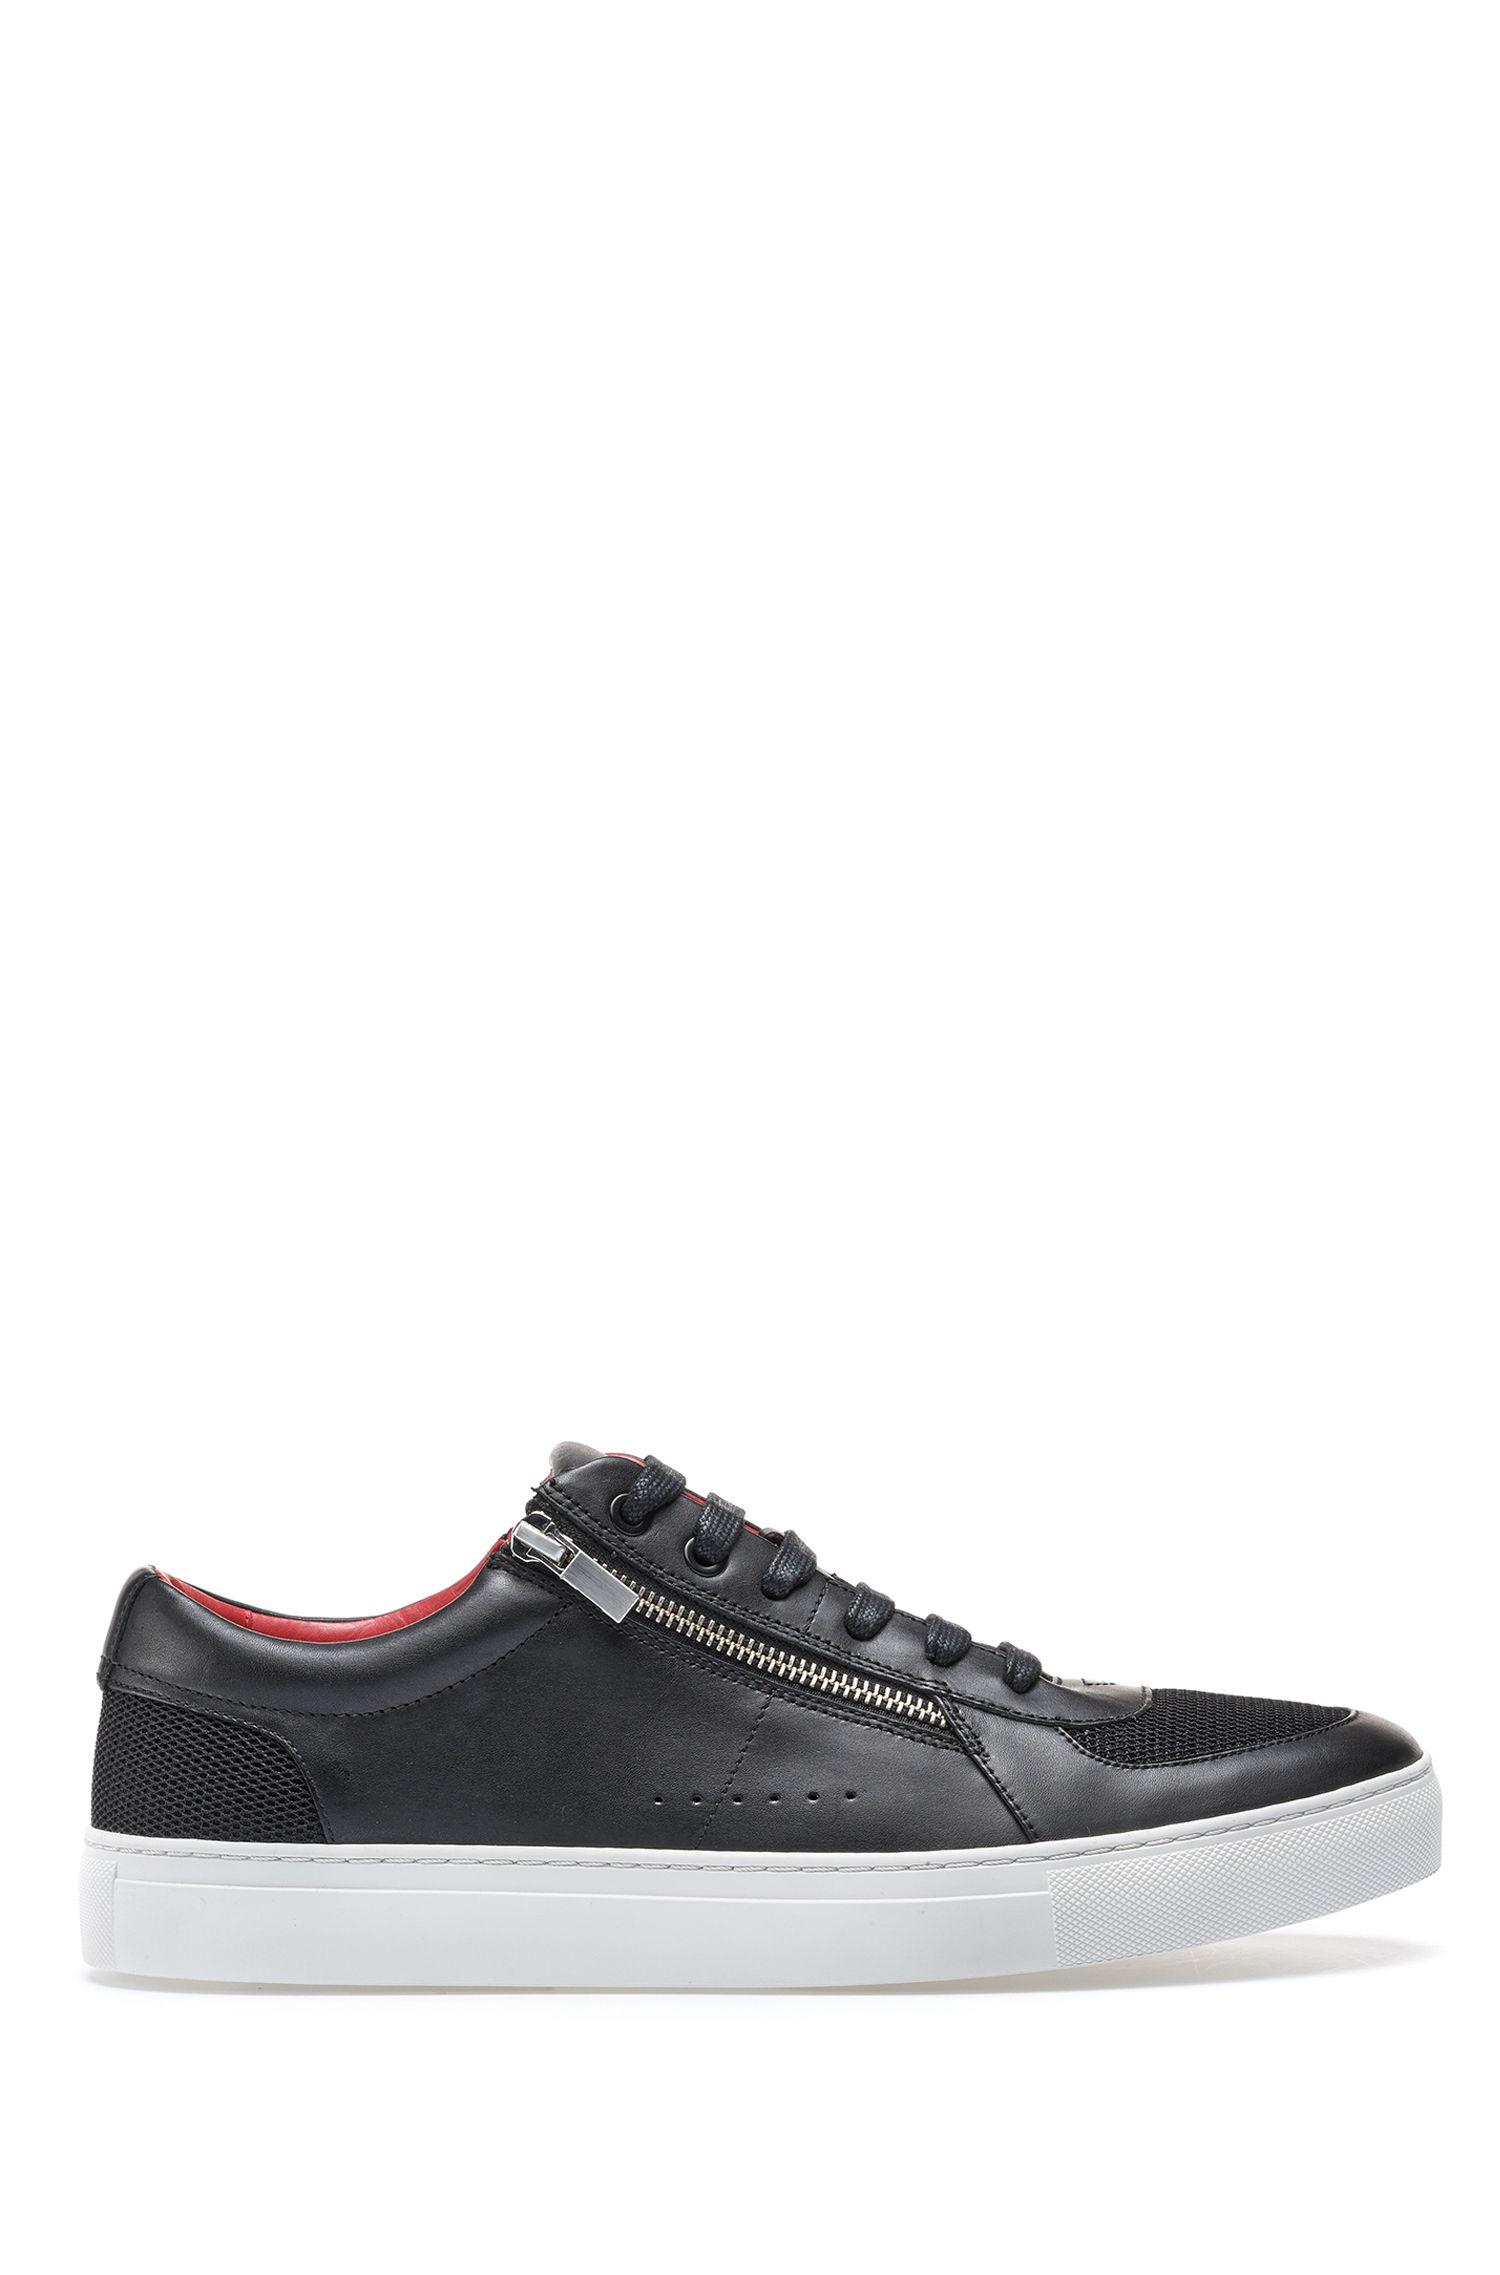 Sneakers aus Leder im Tennis-Stil mit Reißverschlüssen, Schwarz